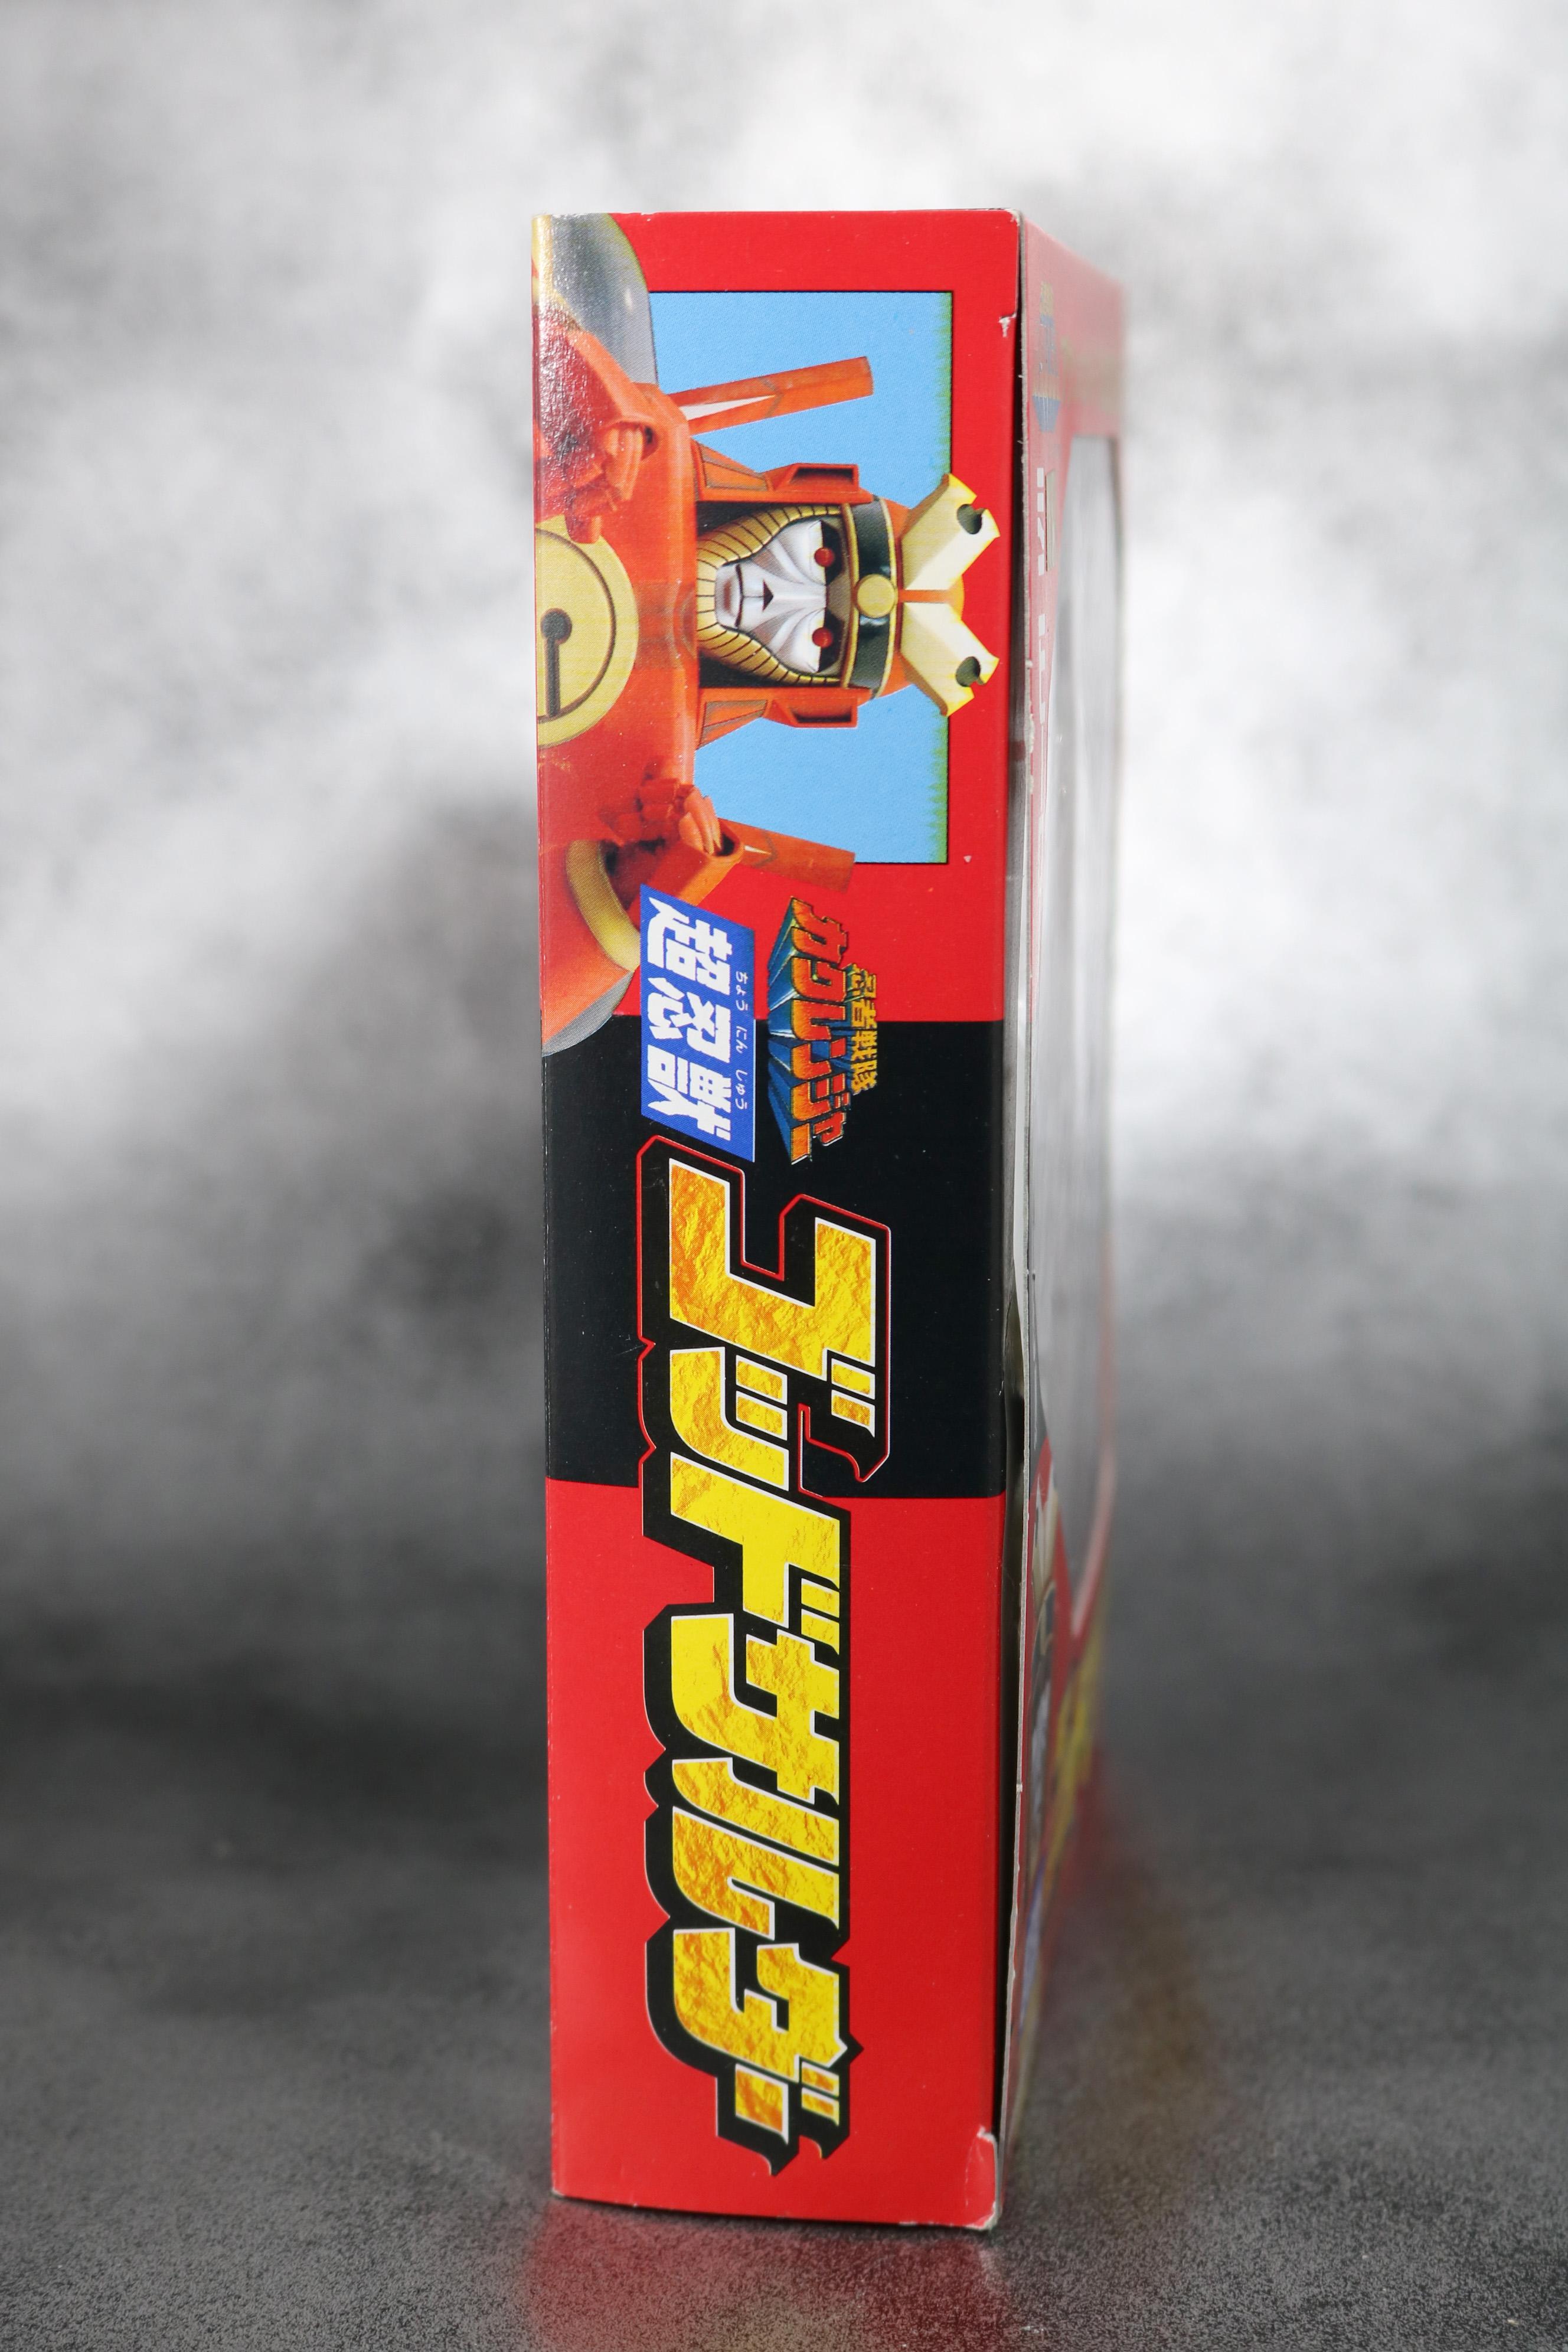 プラデラ 超忍獣 ゴッドサルダー レビュー パッケージ 忍者戦隊カクレンジャー